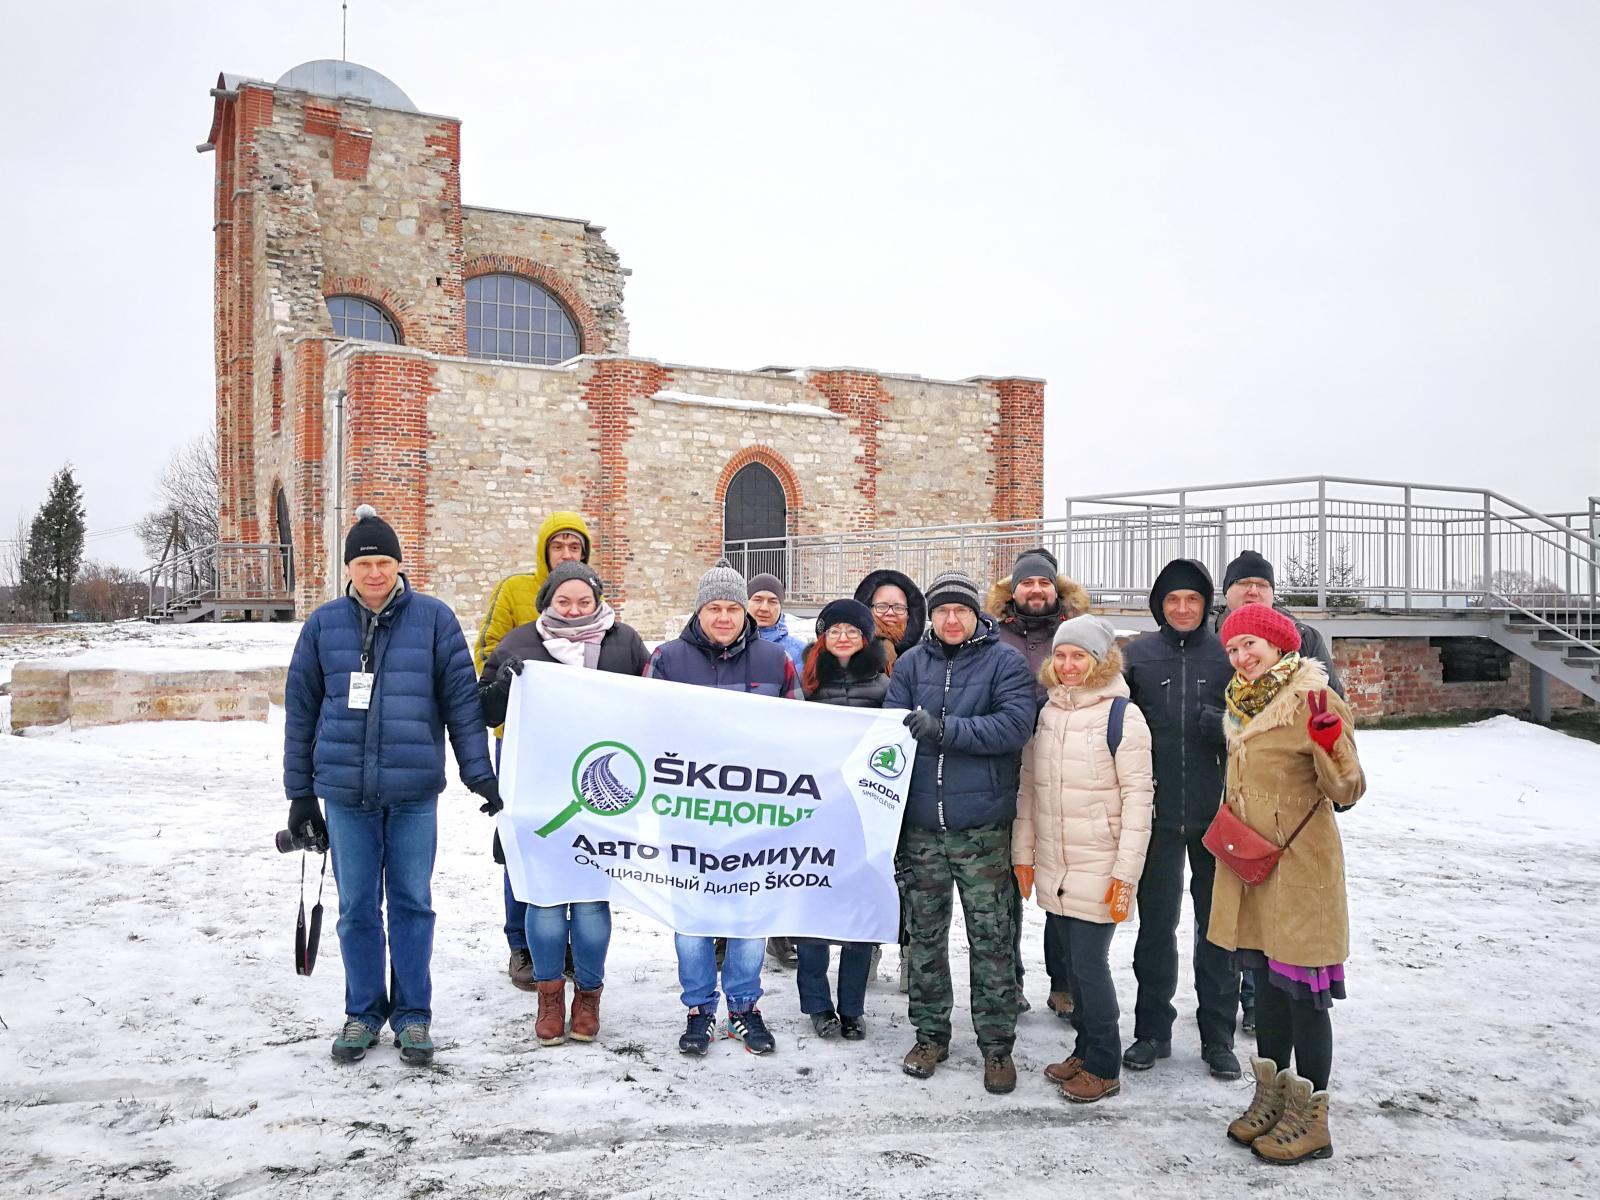 Пресс-тур Школа Авто Премиум Великий Новгород